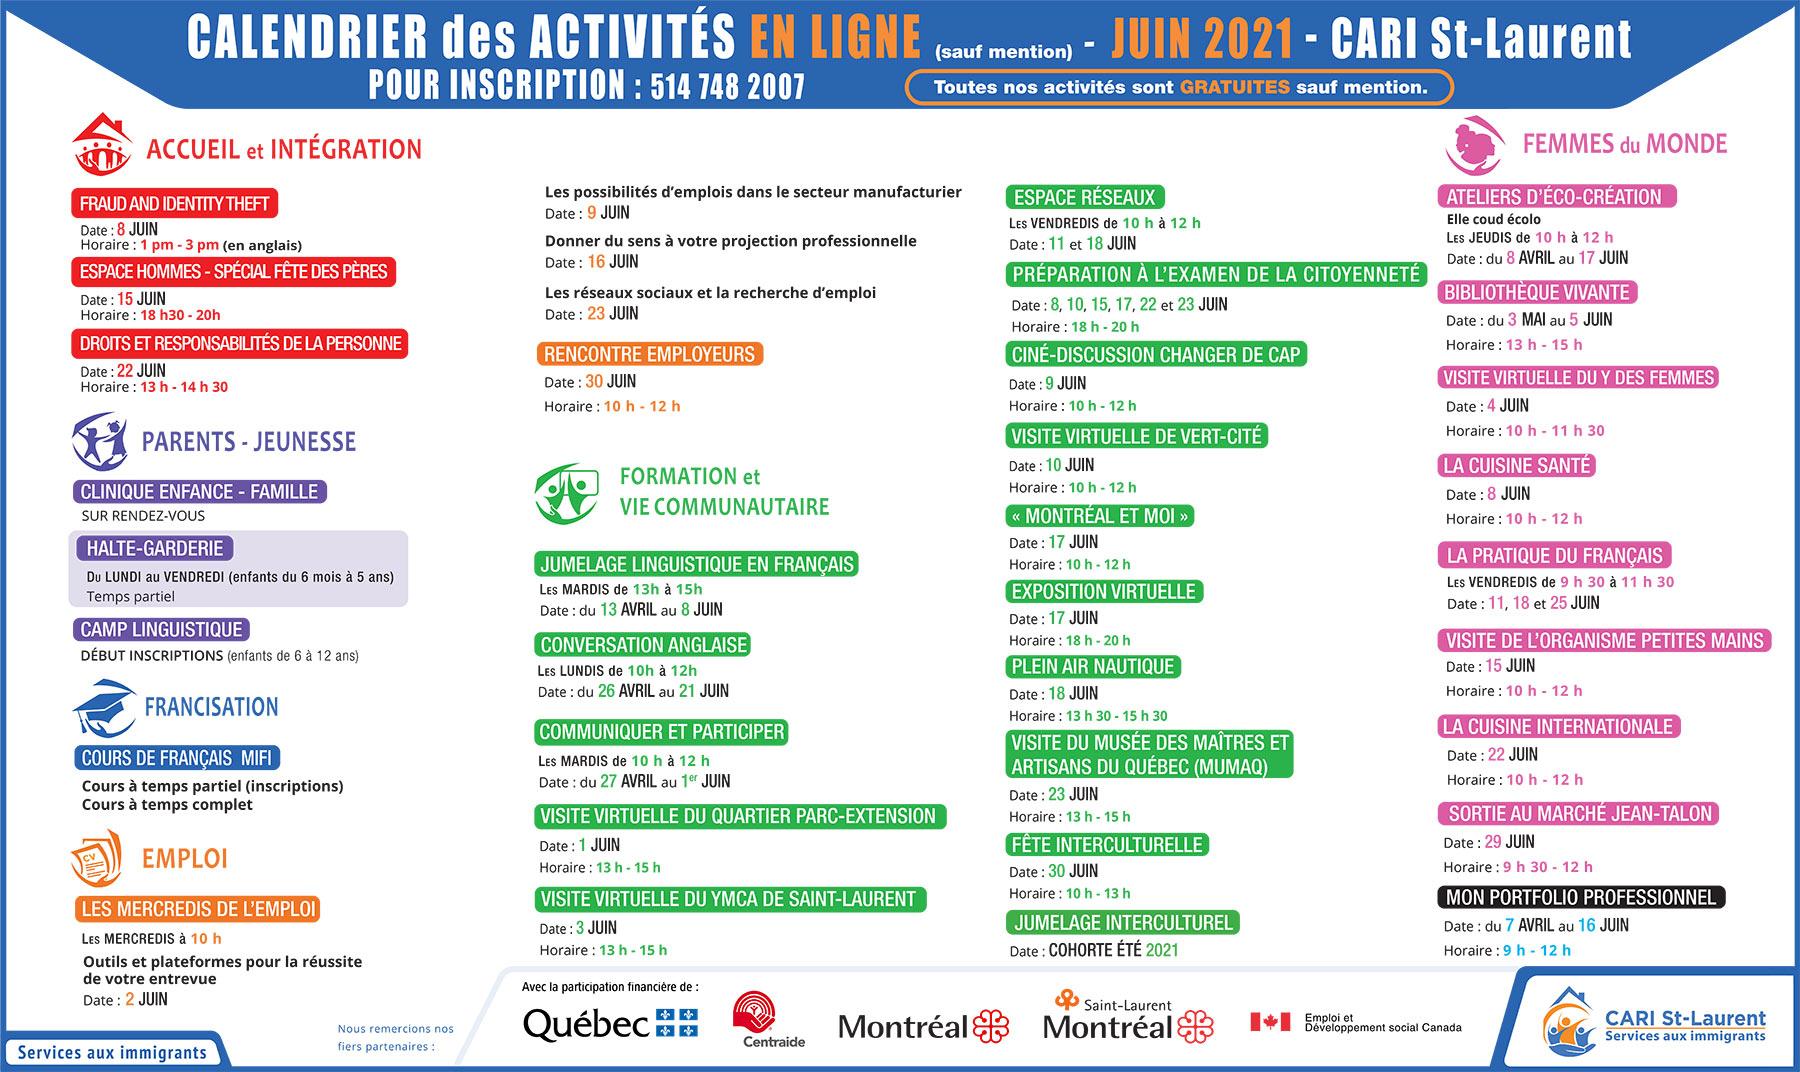 Calendrier des activités | JUIN 2021